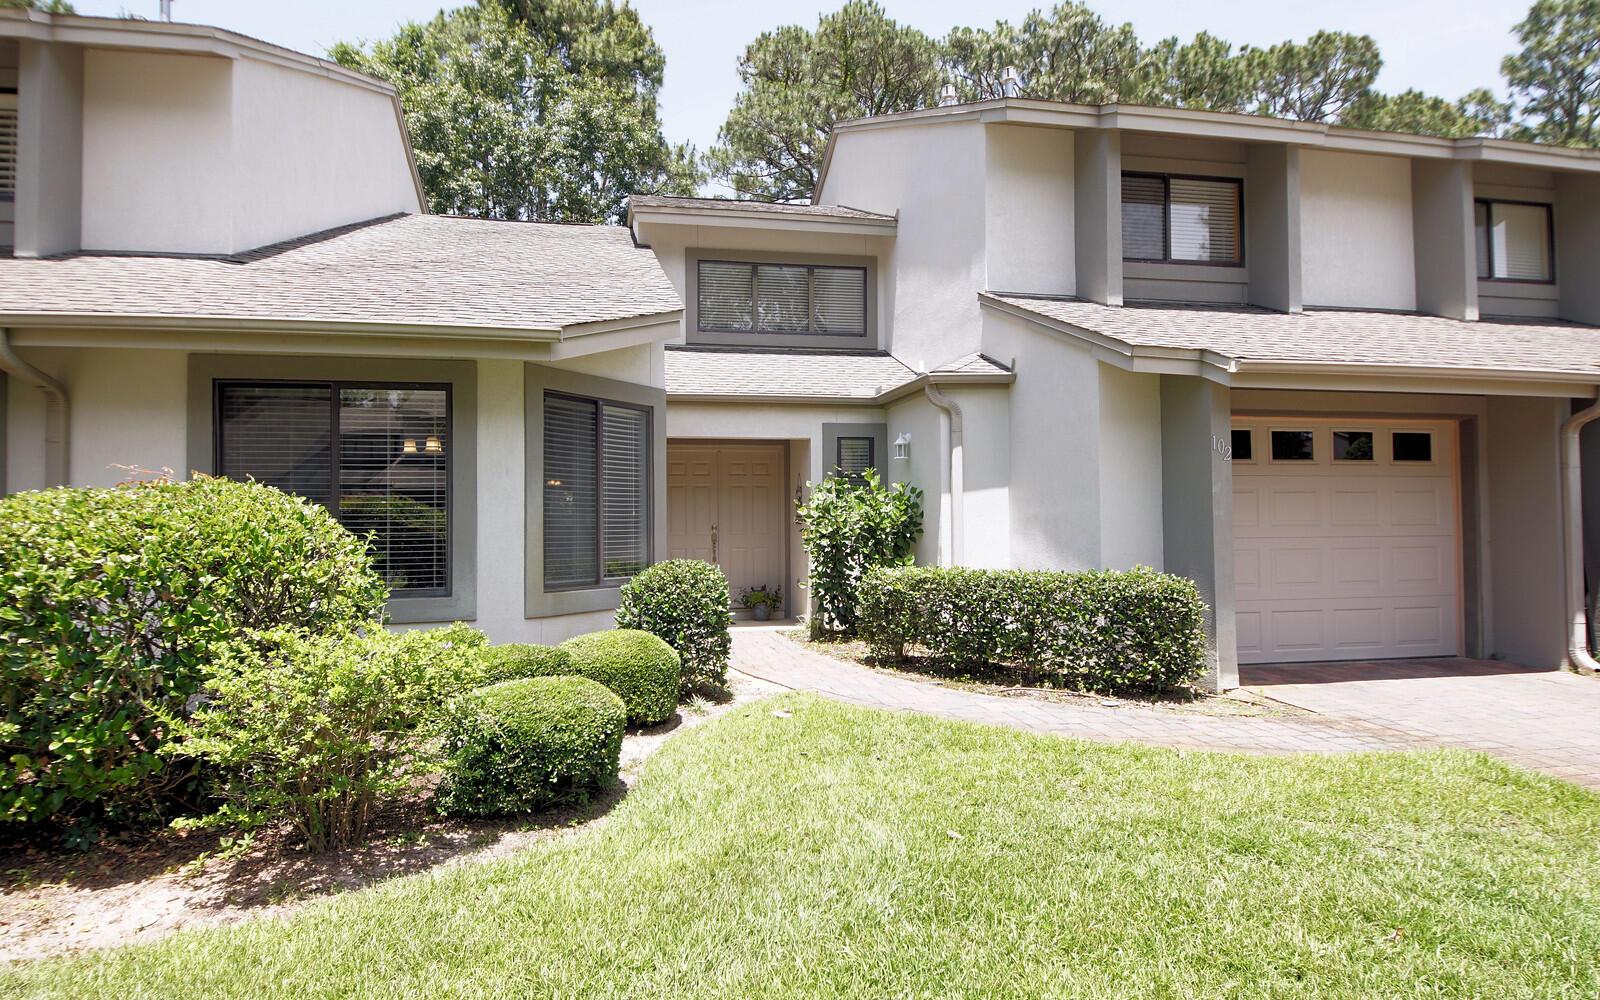 102 Gleneagles Dr, Niceville, FL, 32578